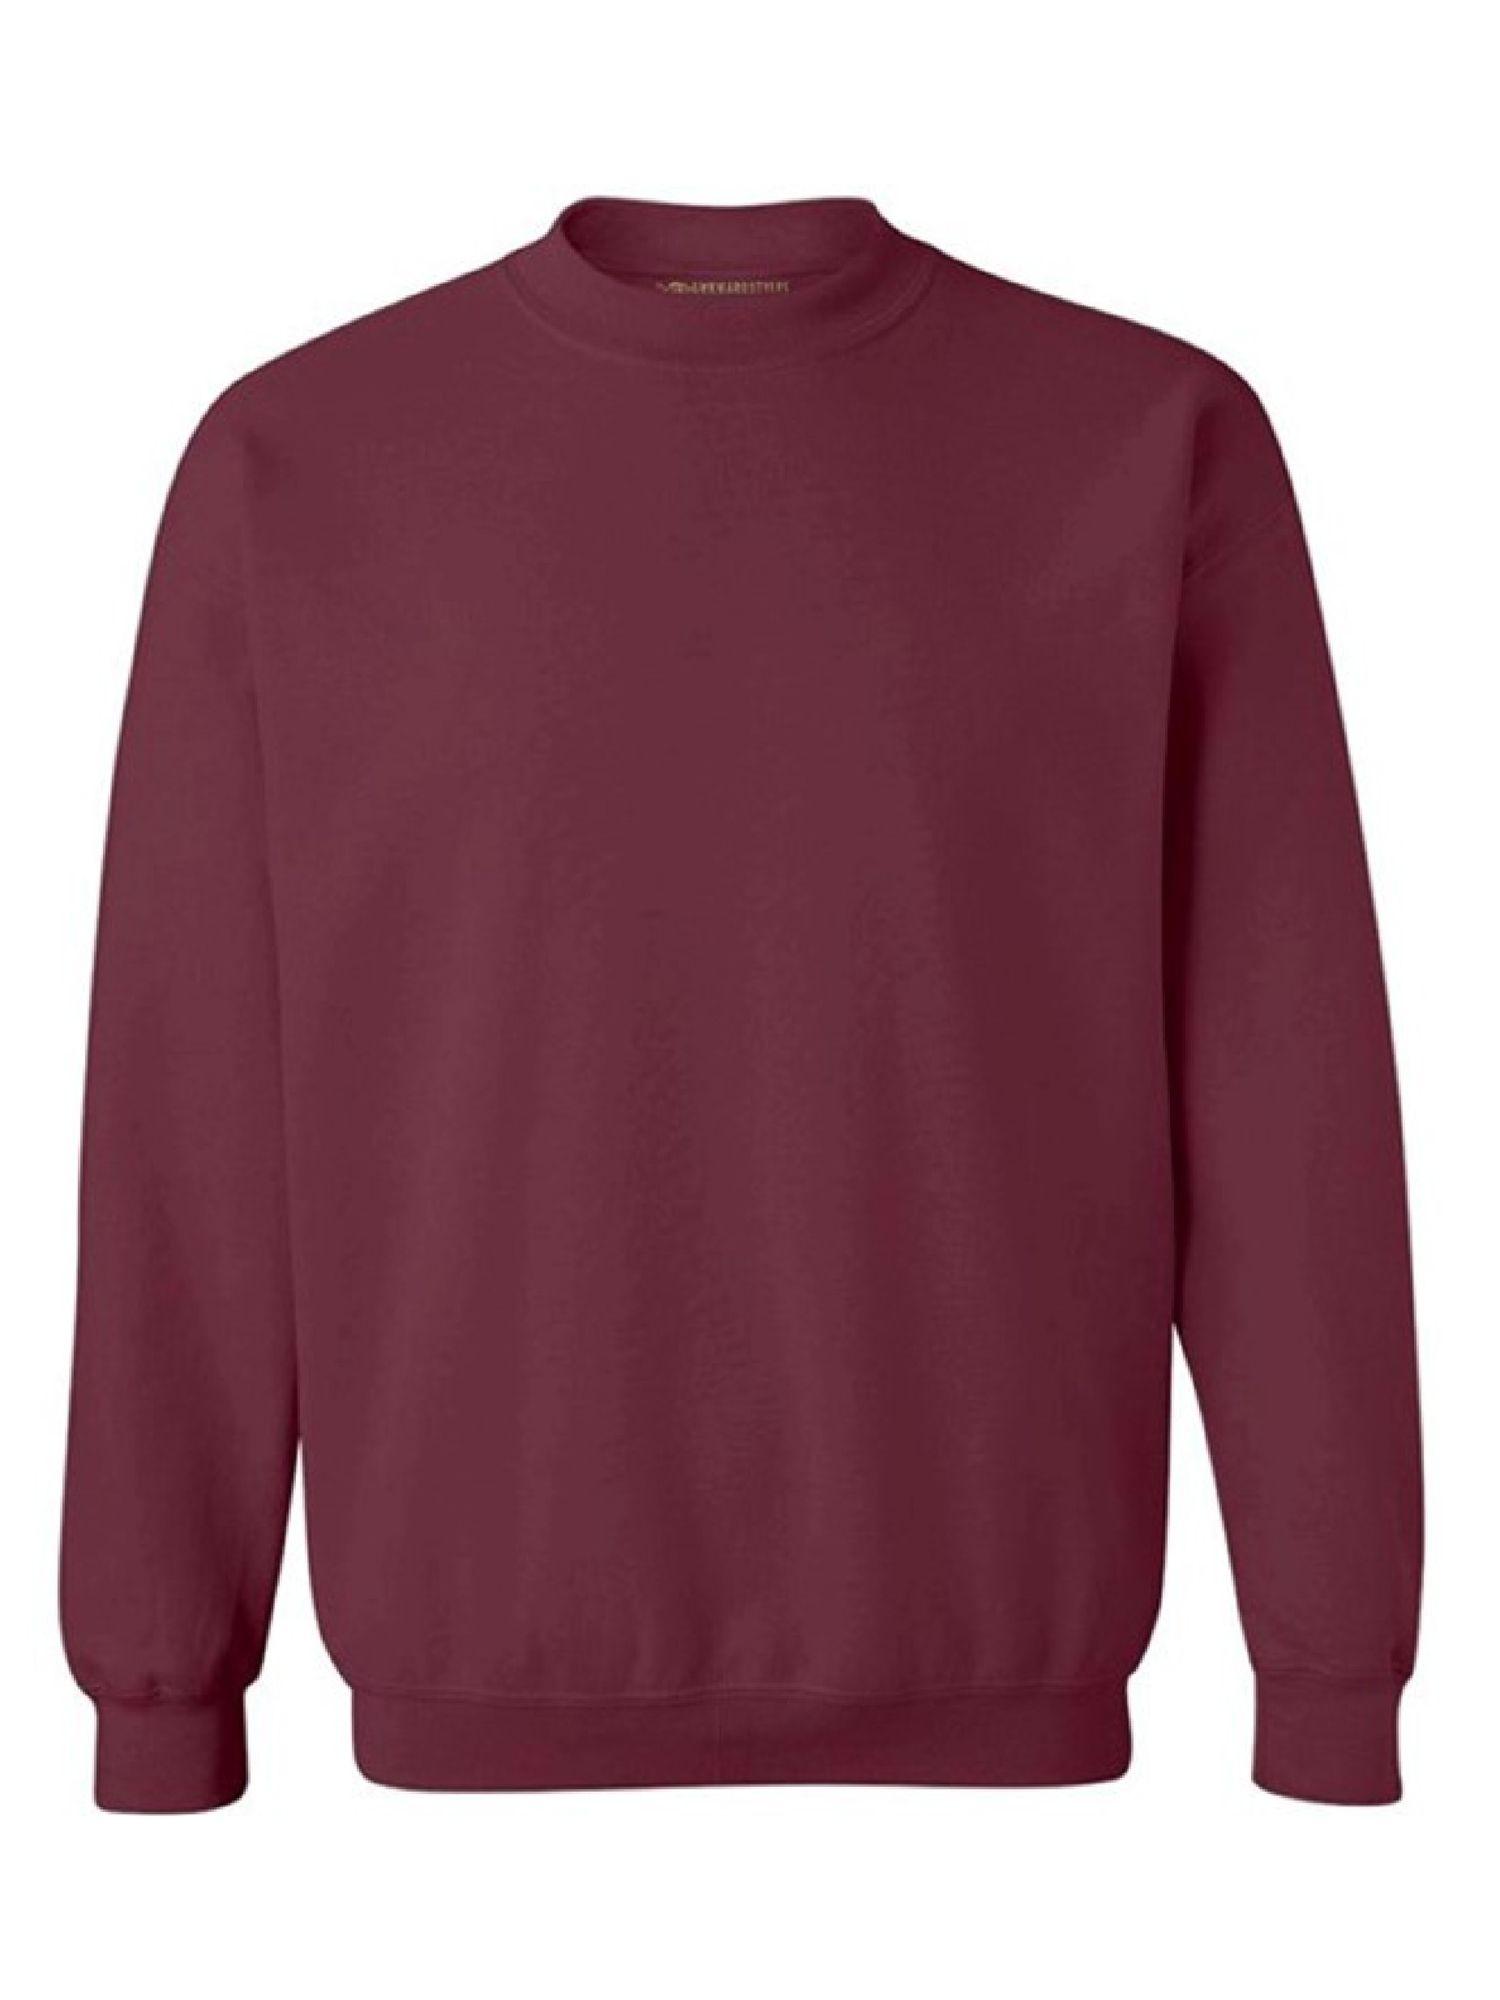 Awkward Styles Gildan Crewneck Sweatshirt Unisex Sweatshirts Basic Casual Sweatshirts For Women Men S Fleece Crewneck Sweatshirt Long Sleeve Plain Sweatshirt Crew Neck Sweatshirt Sweatshirts Long Sweatshirt [ 2000 x 1500 Pixel ]